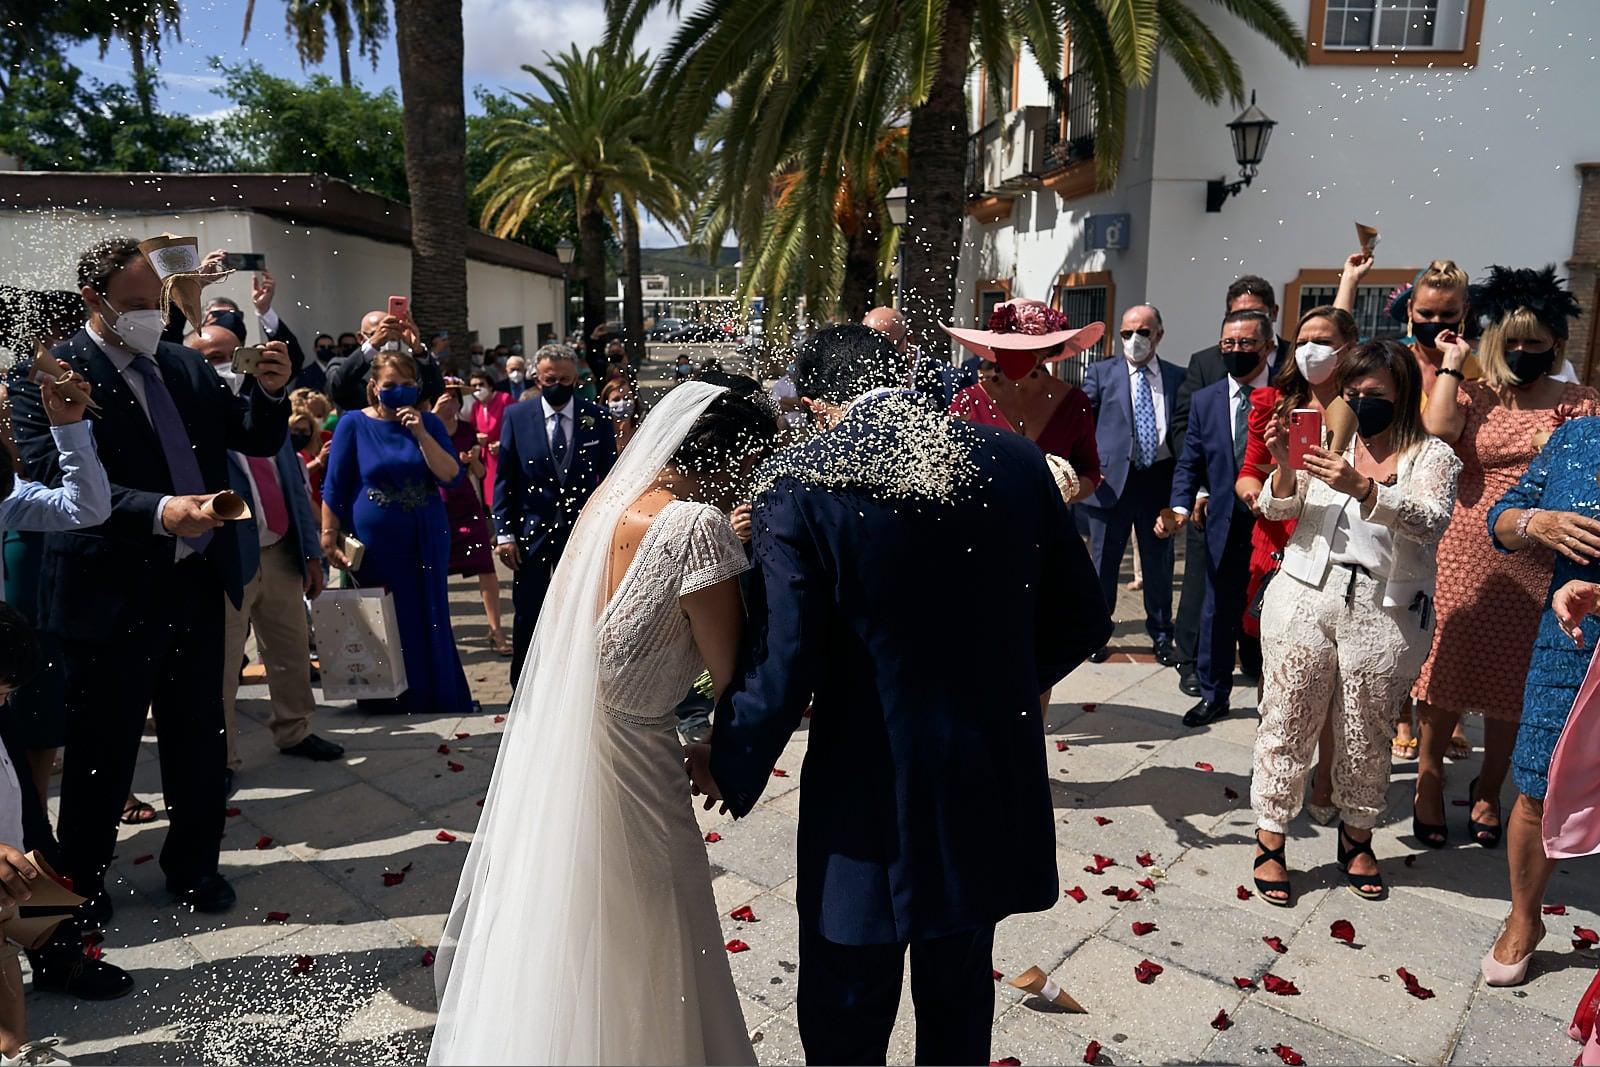 boda en pandemia 0031